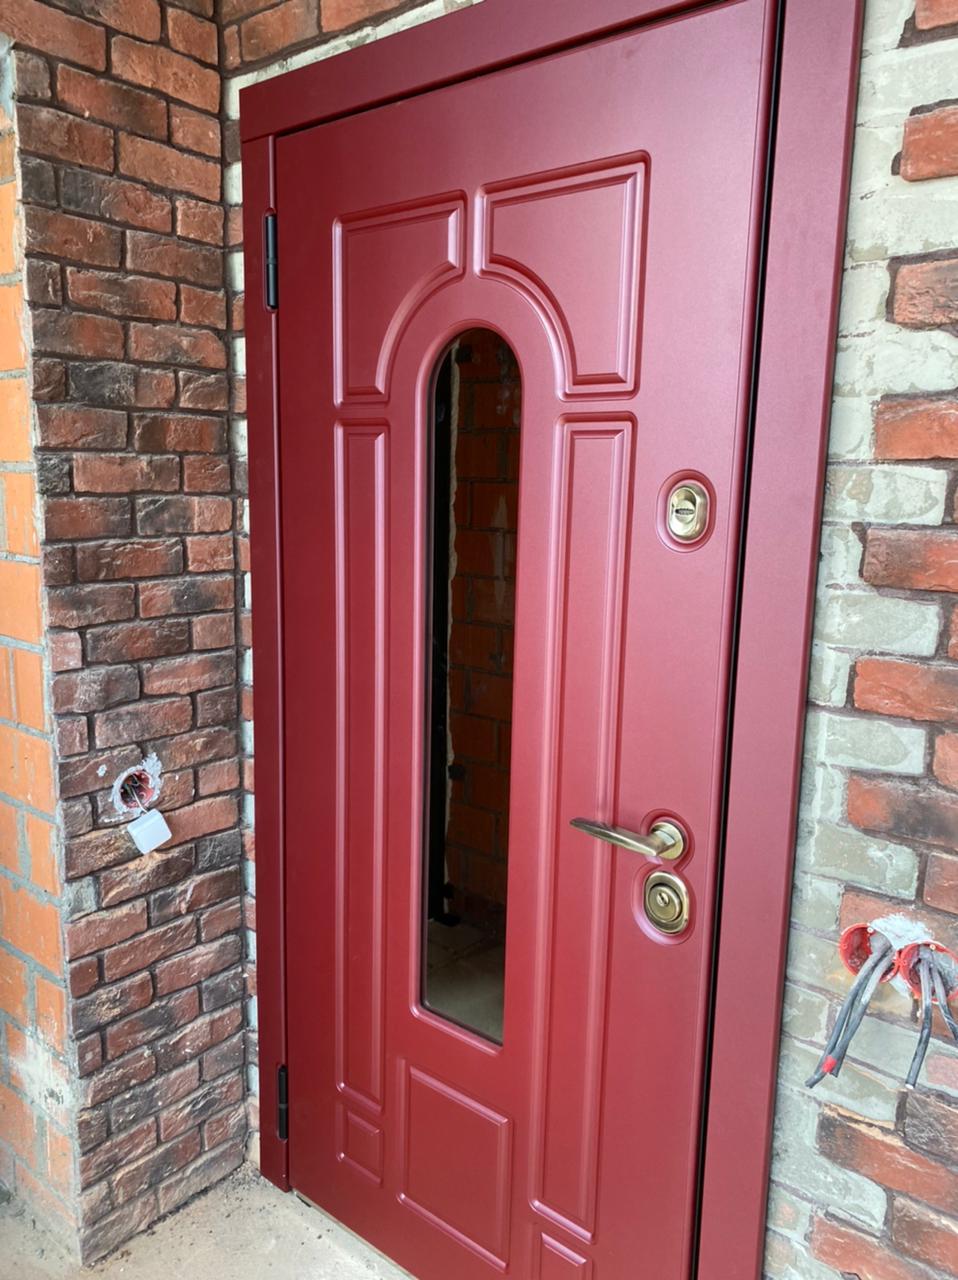 красная входная дверь в дом с окном цвет марсала фурнитура бронза терморазрыв стальная линия Н-90 тауэр